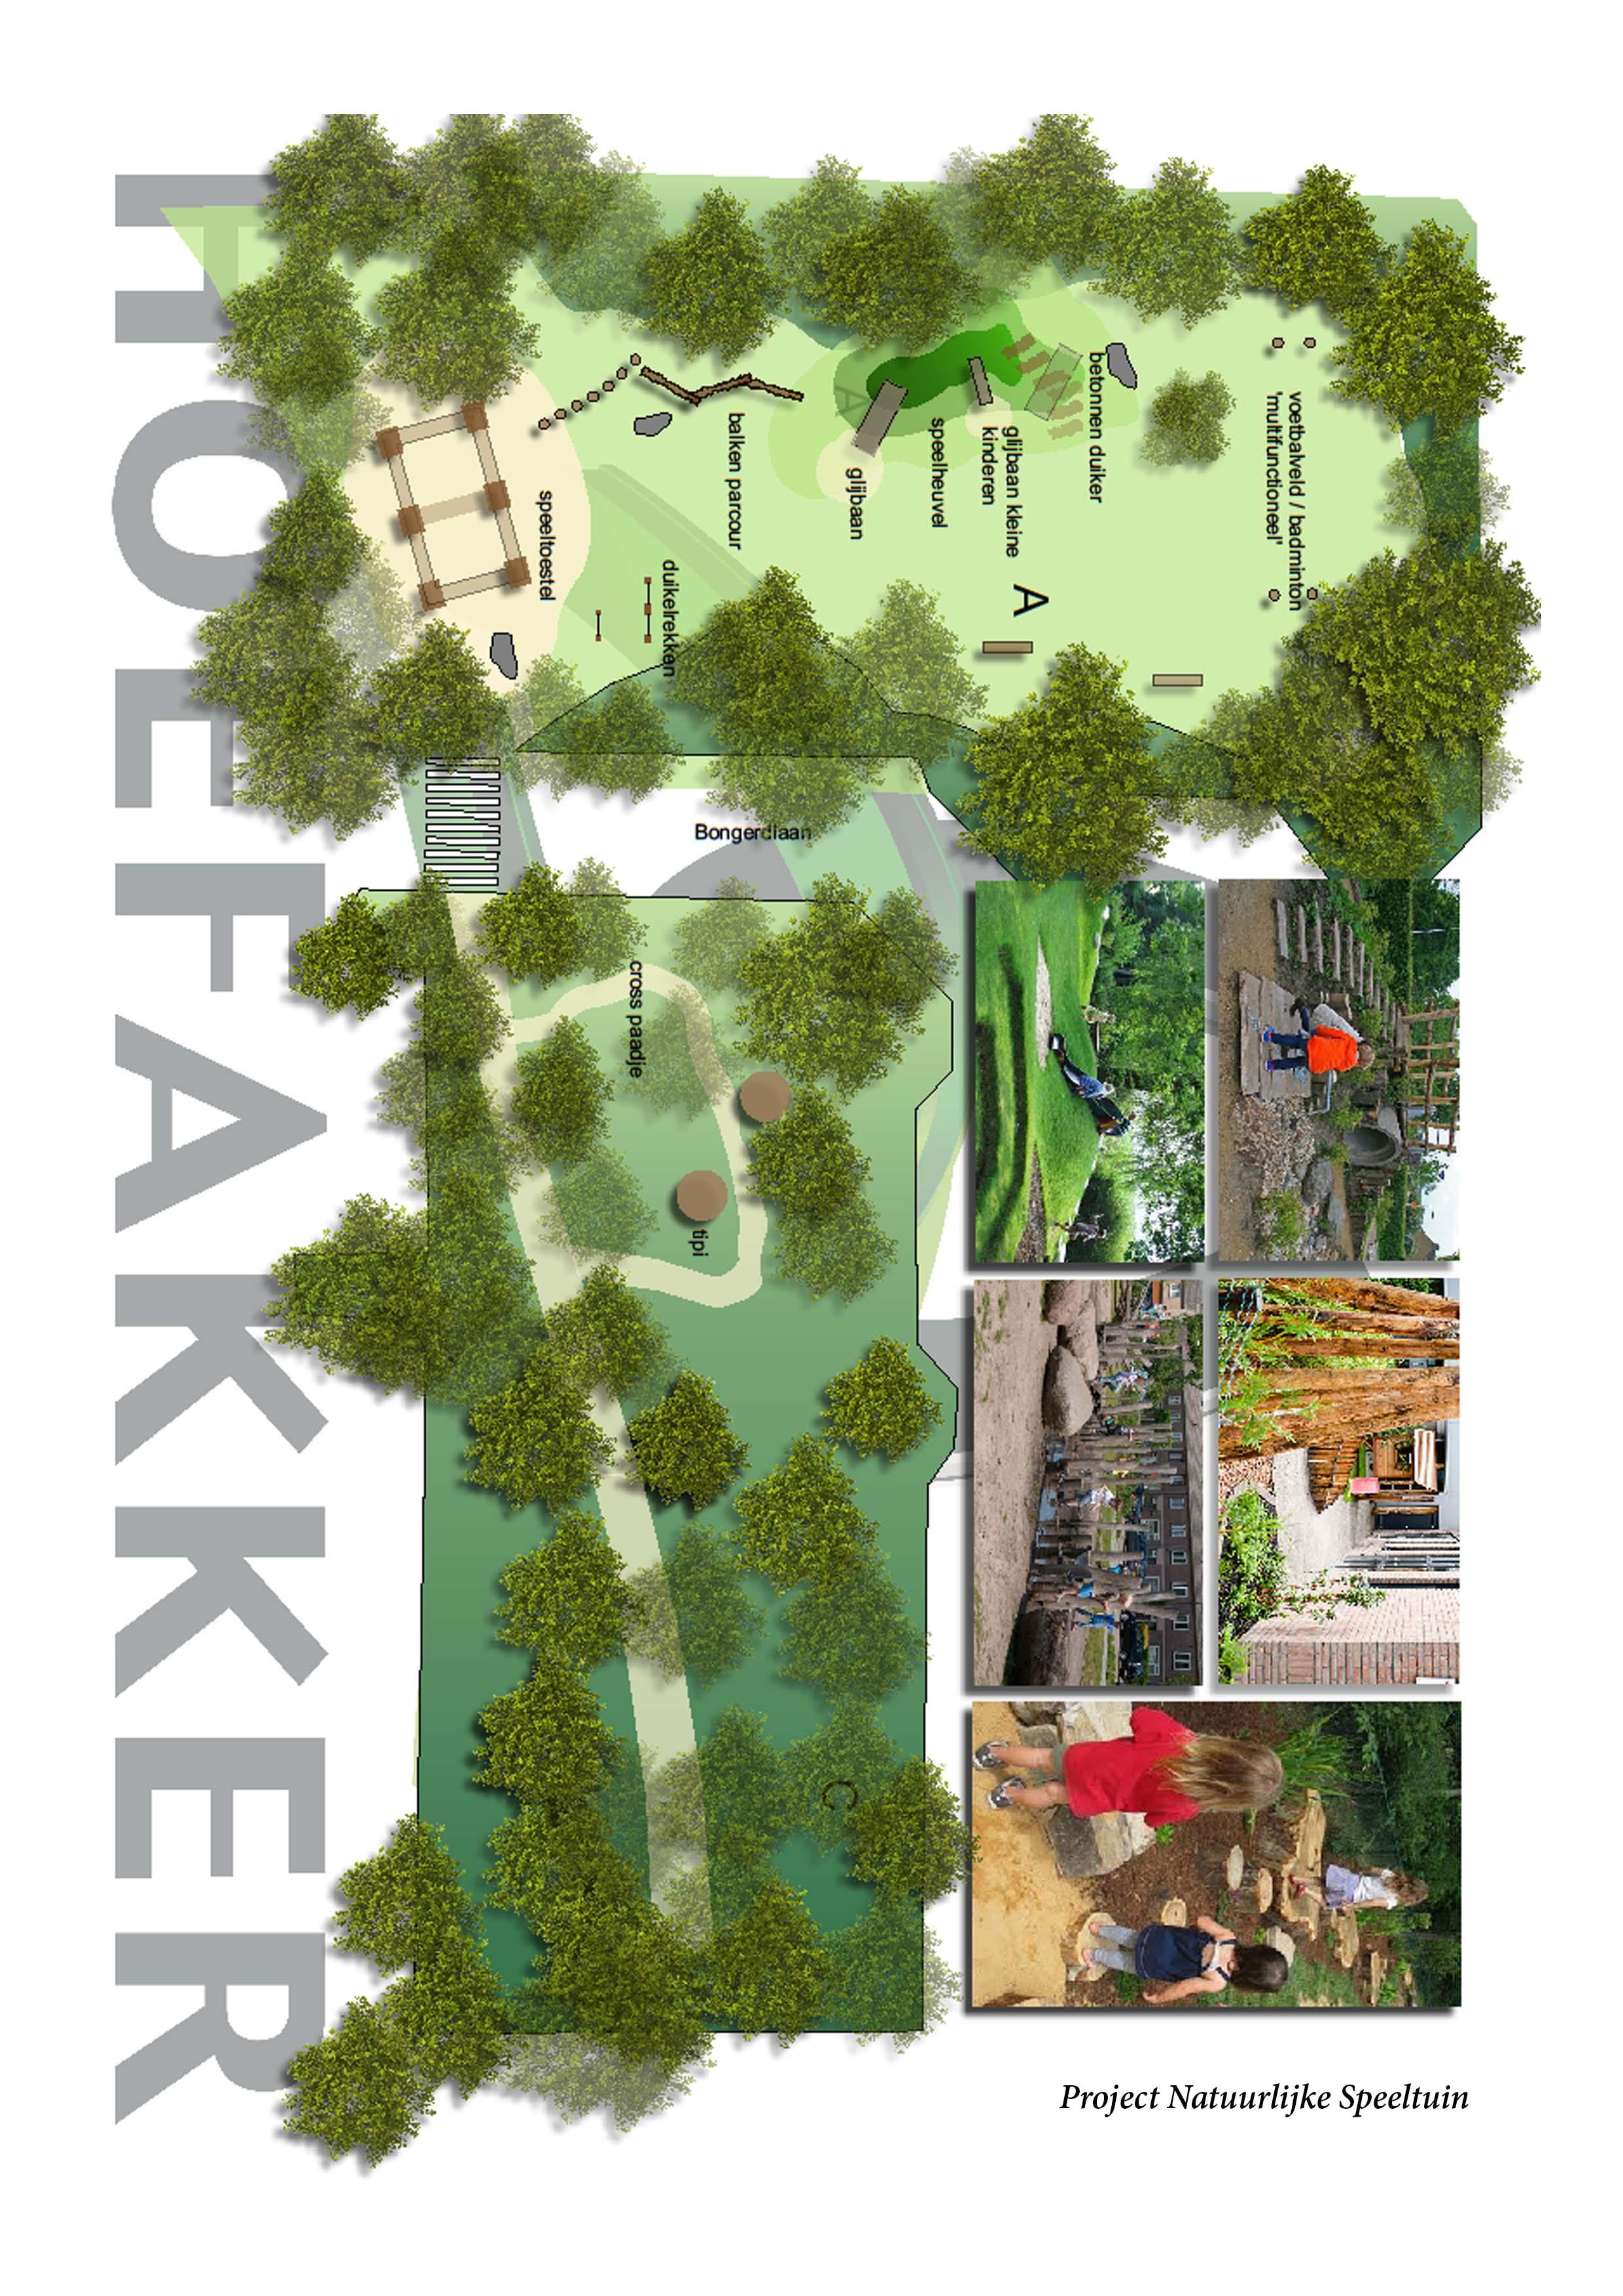 Hoefakker Hoveniers Ontwerp natuurlijke speeltuin